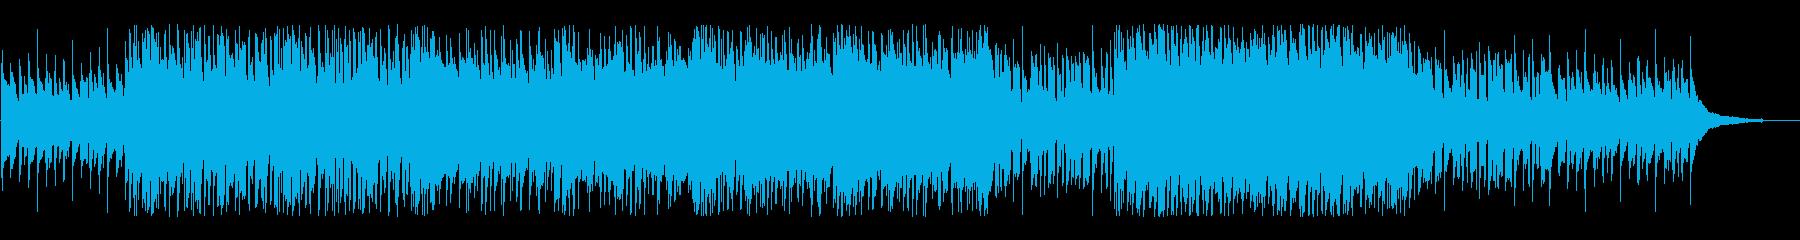 オーディオドラマ向けBGM/日常の再生済みの波形